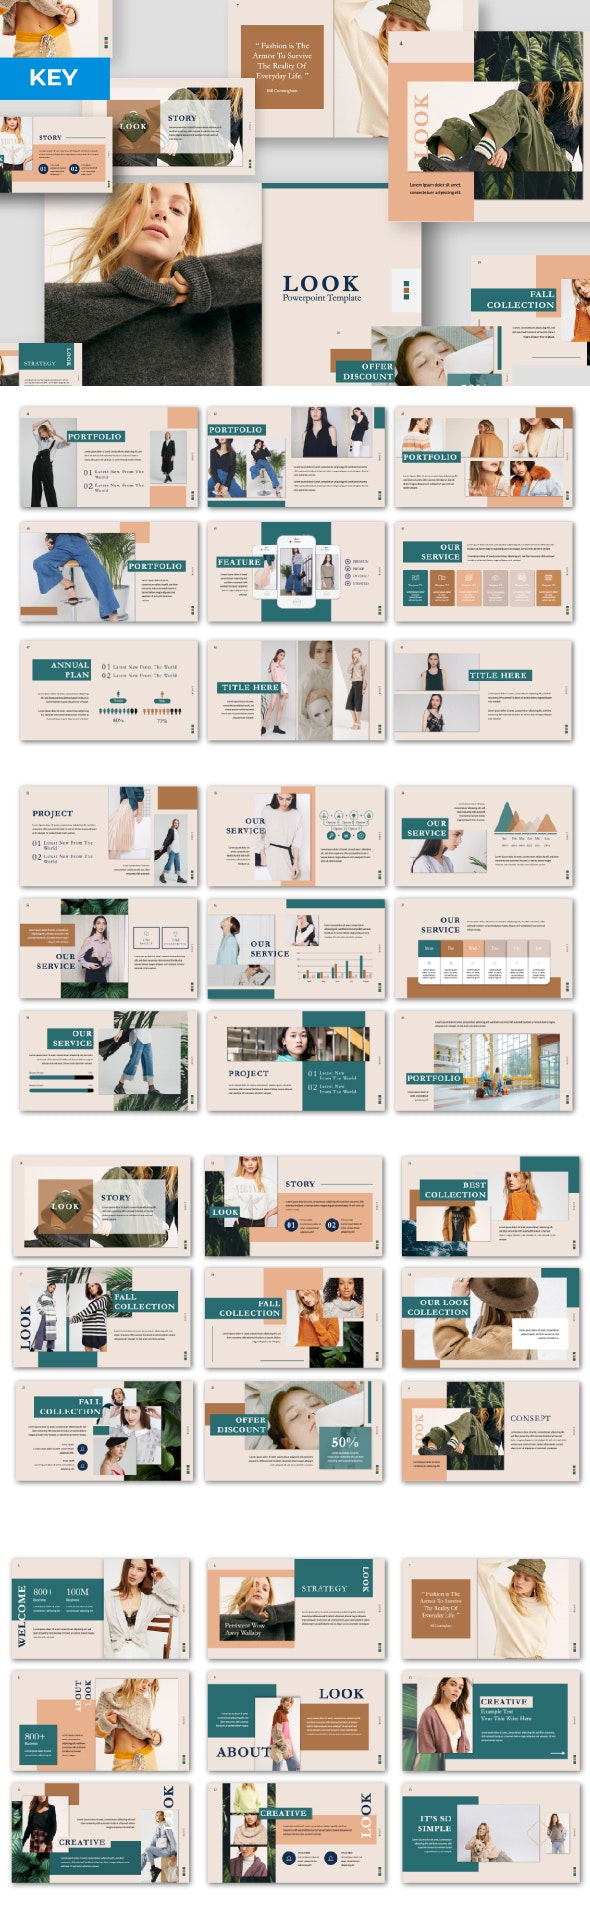 Look Google Slide - Google Slides Presentation Templates